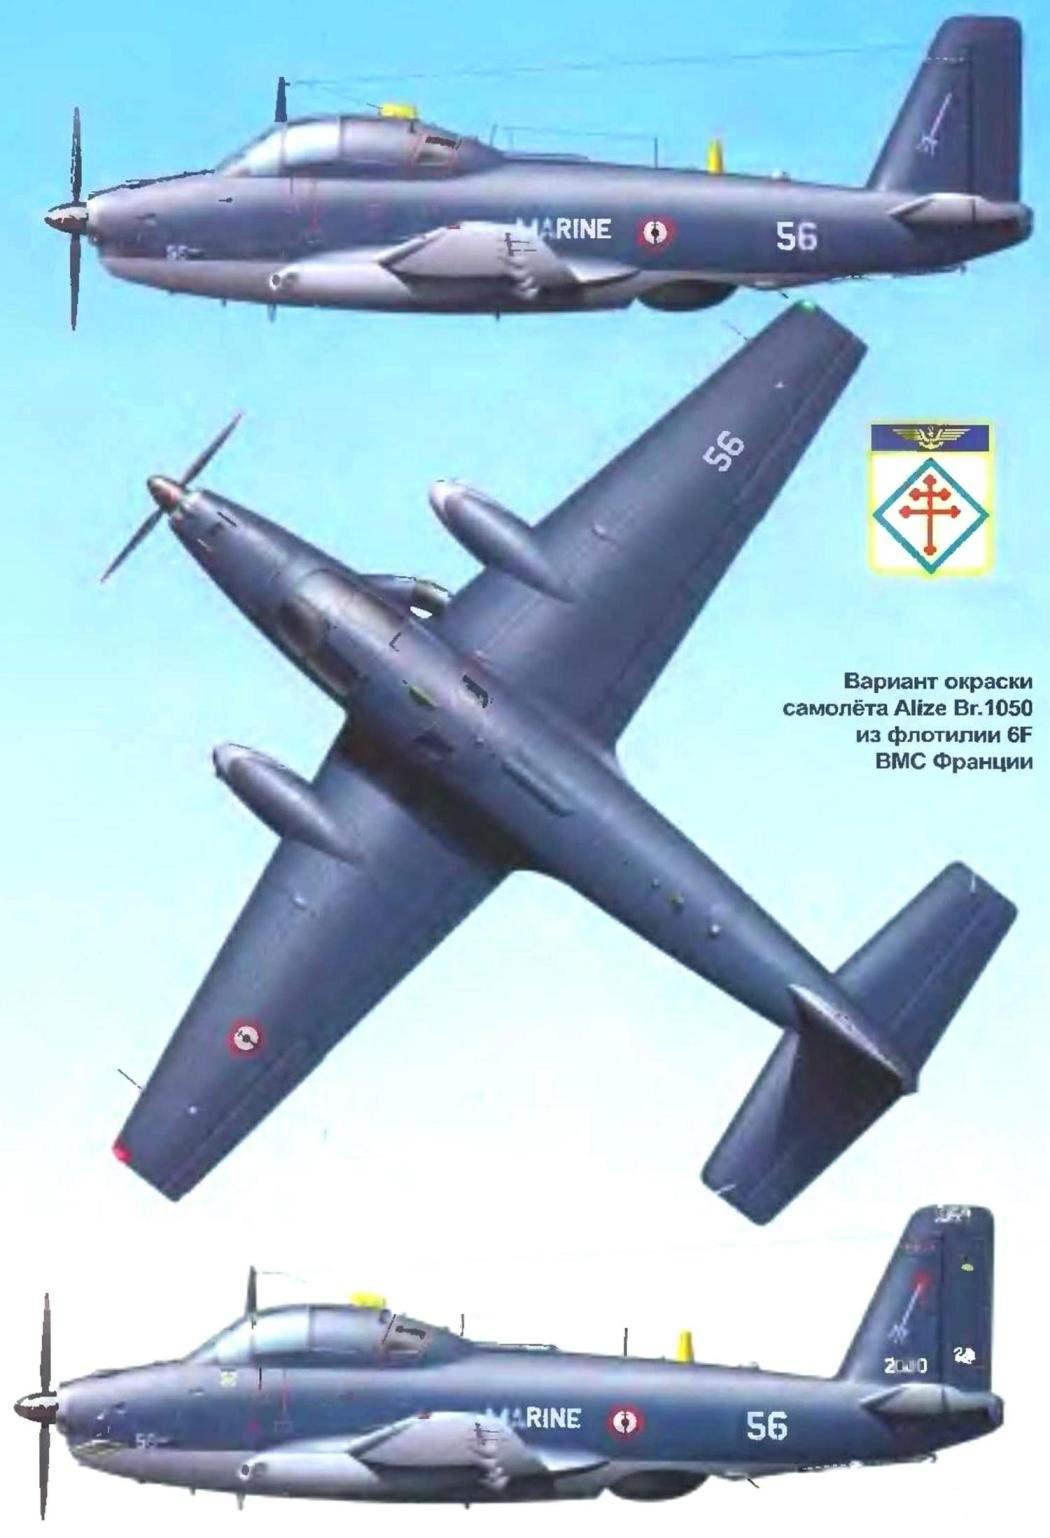 Вариант окраски самолёта Alize Вг.1050 из флотилии 6F ВМС Франции